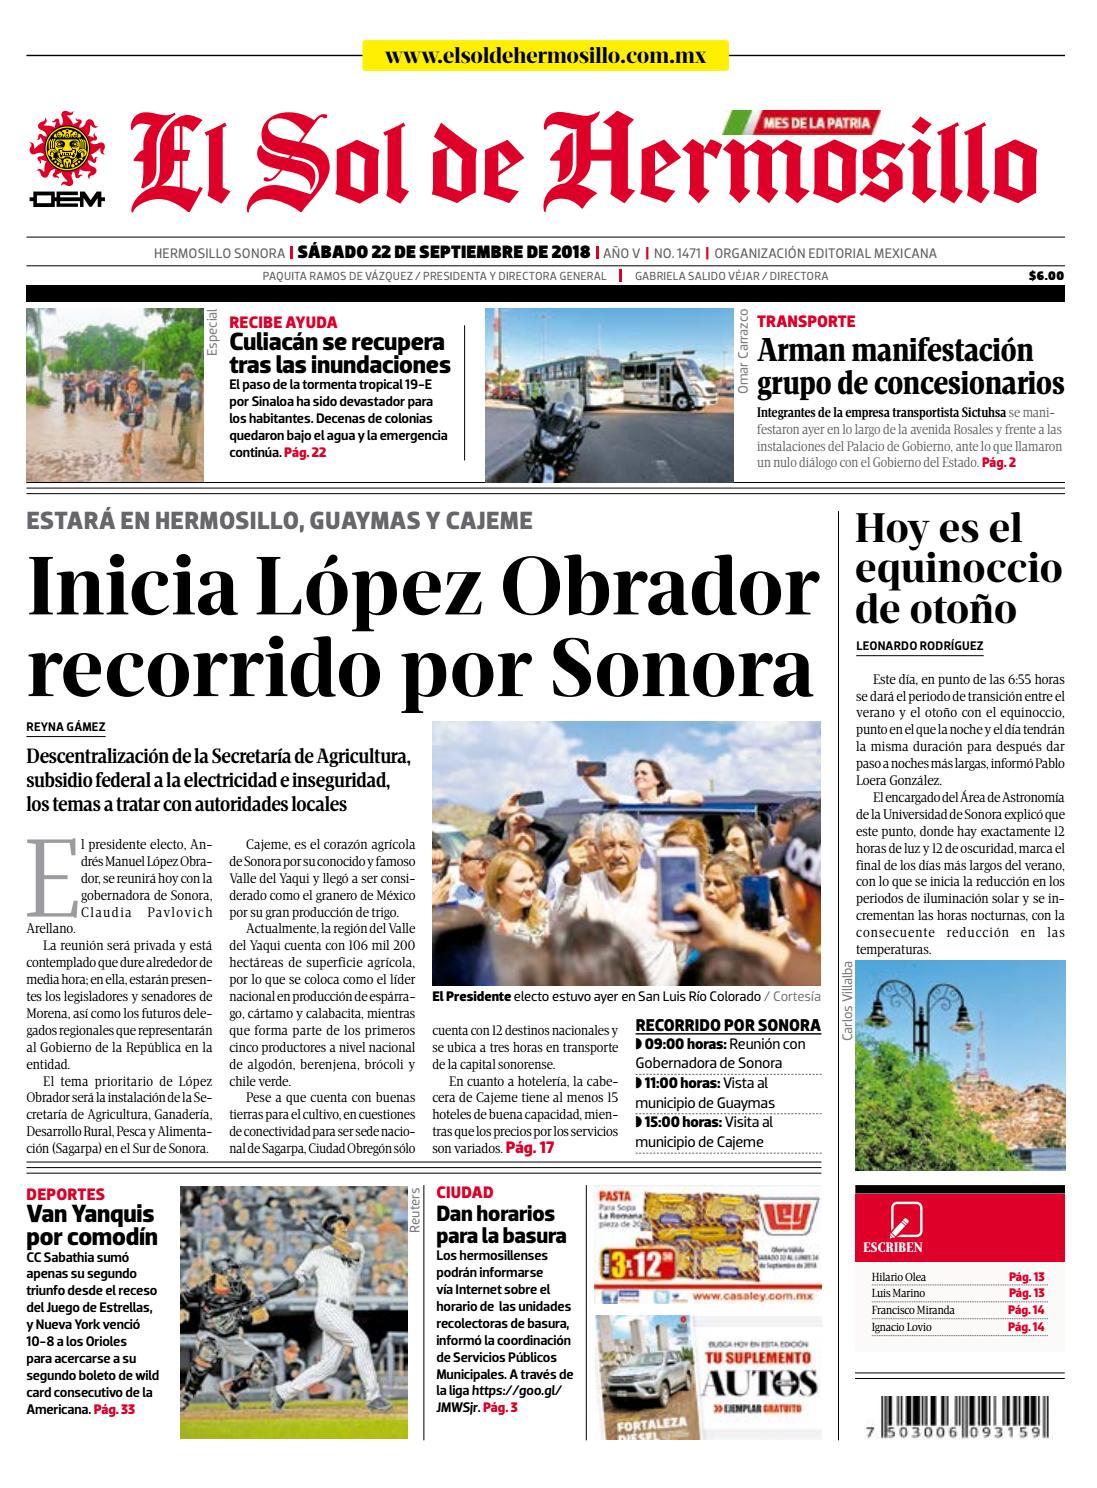 Edición impresa sábado 22 de septiembre de 2018 by El Sol de Hermosillo -  issuu cb153286fa0f7